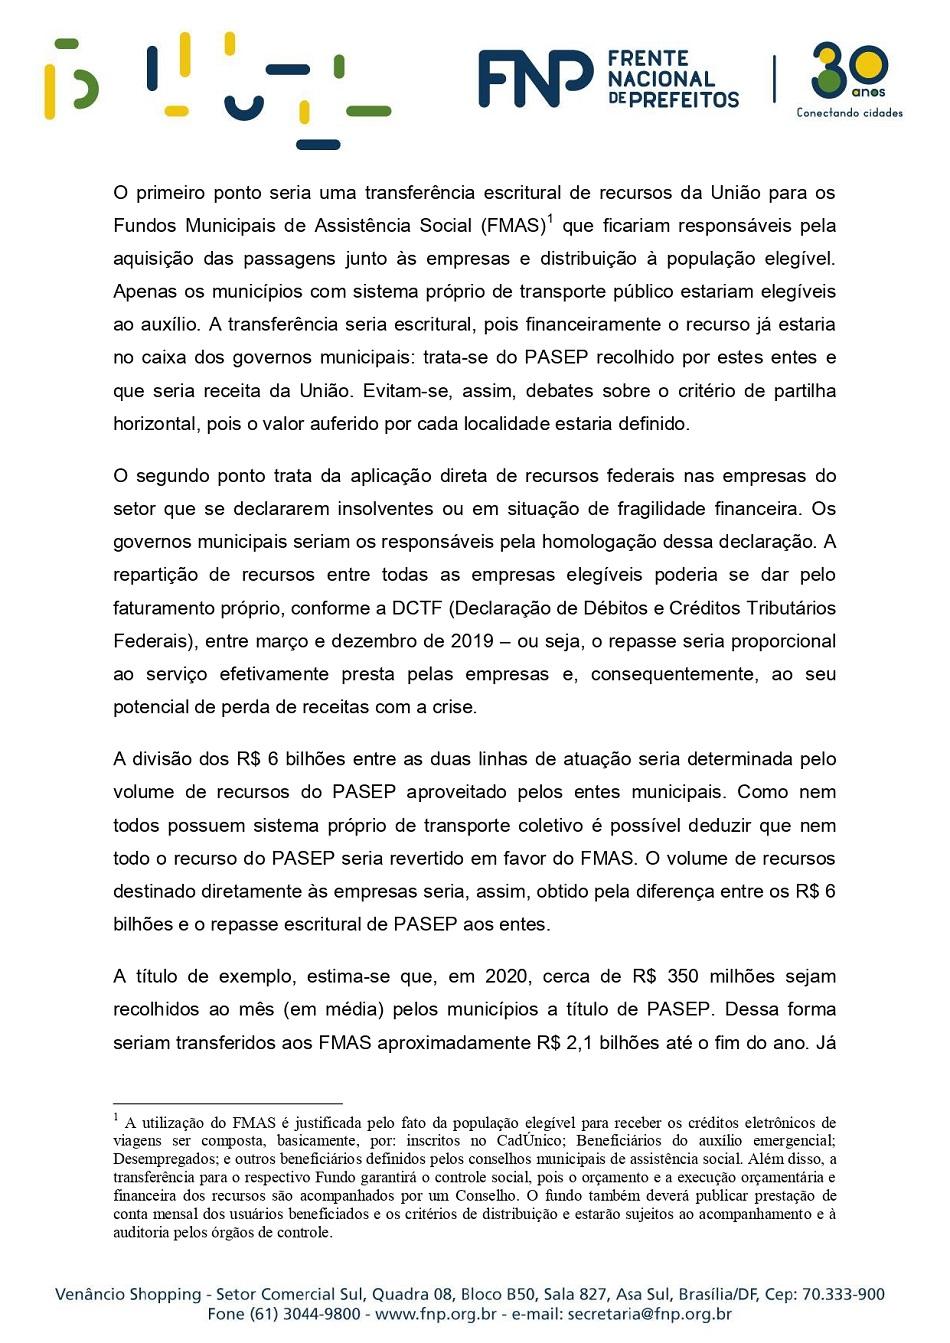 SEGURANÇA SANITÁRIA NO TRANSPORTE PÚBLICO COLETIVO URBANO - 23.06.20_page-0003